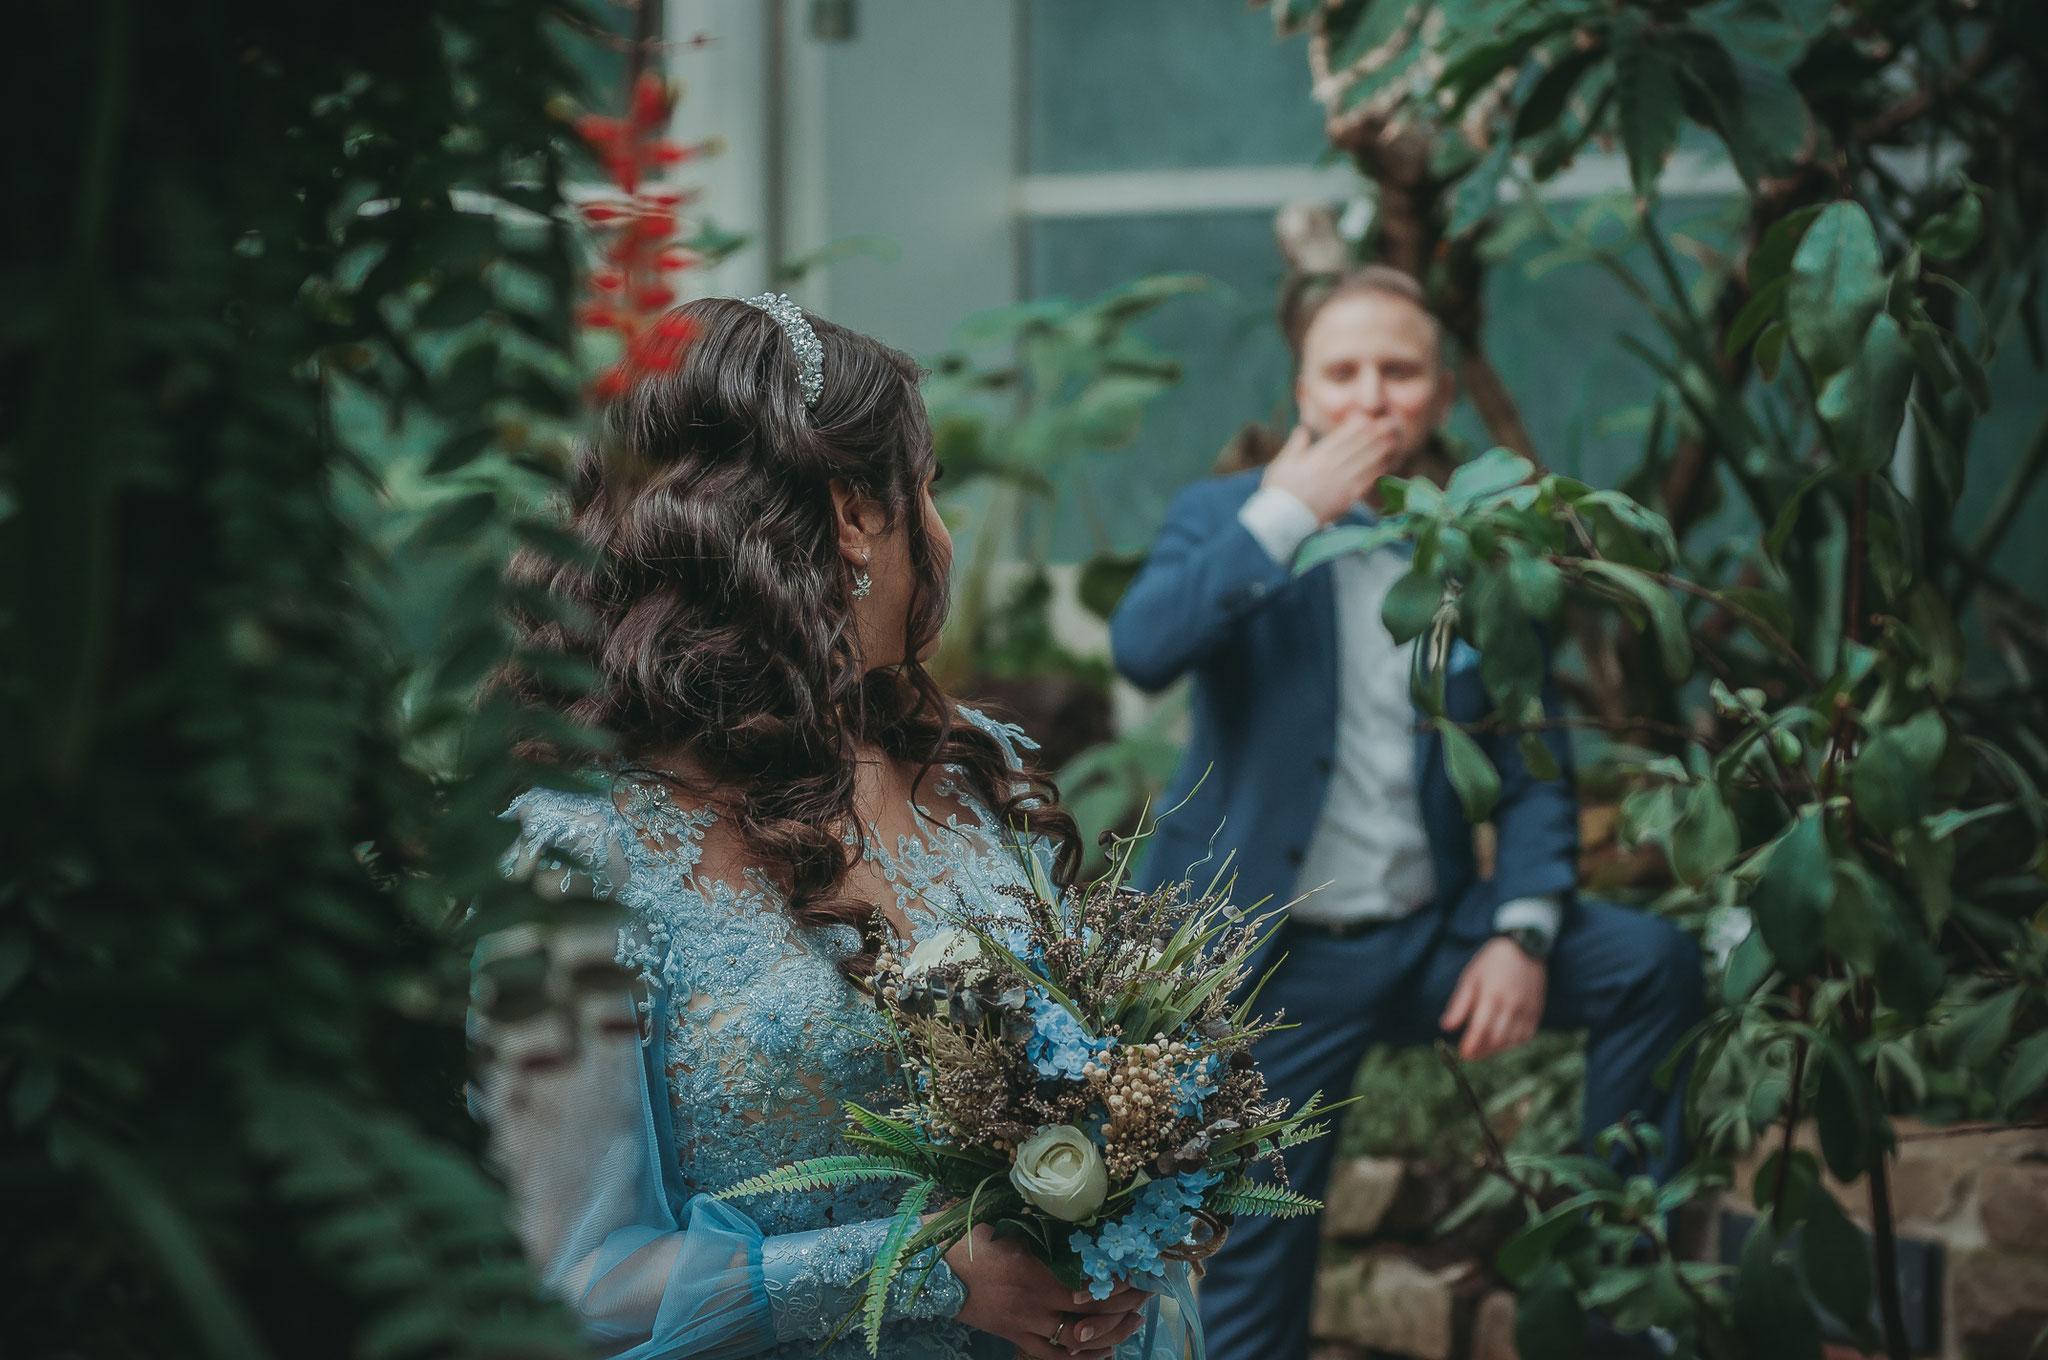 Liebevolle Aufnahmen von verliebten und verlobten